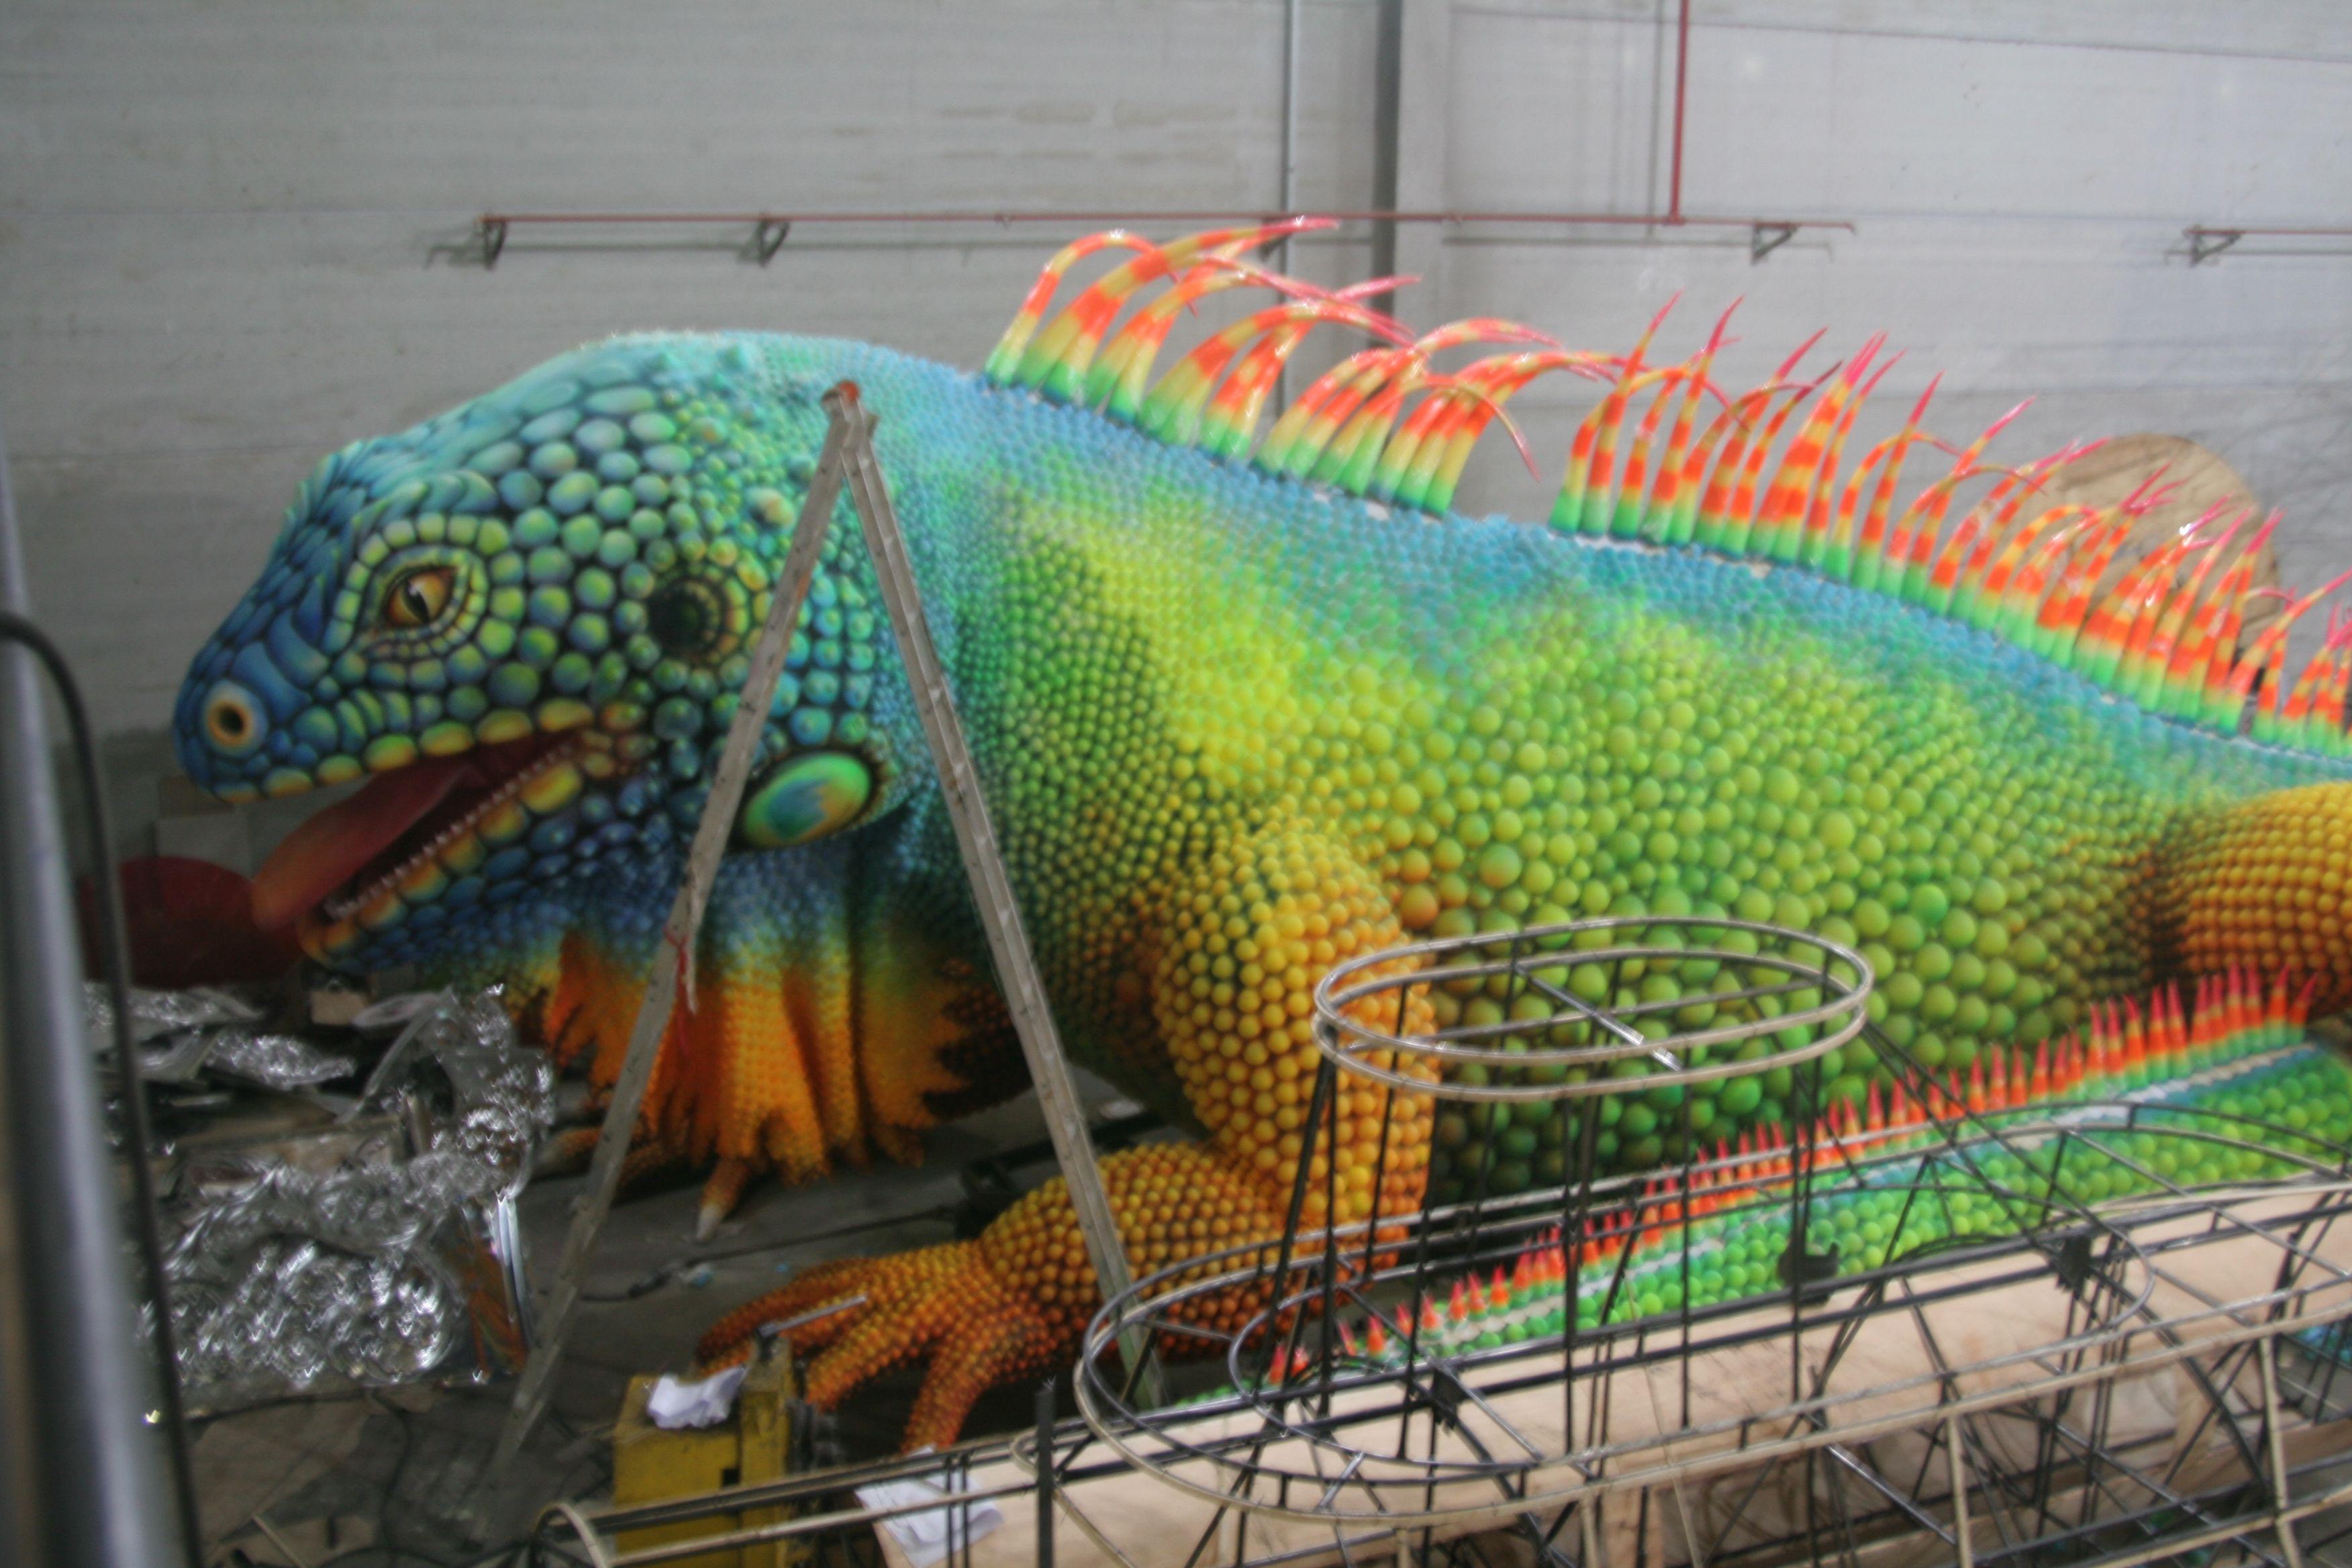 Pintura iguana de 30 metros em 4 dias de trabalho Carnaval 2013 , Escola de samba Grande Rio